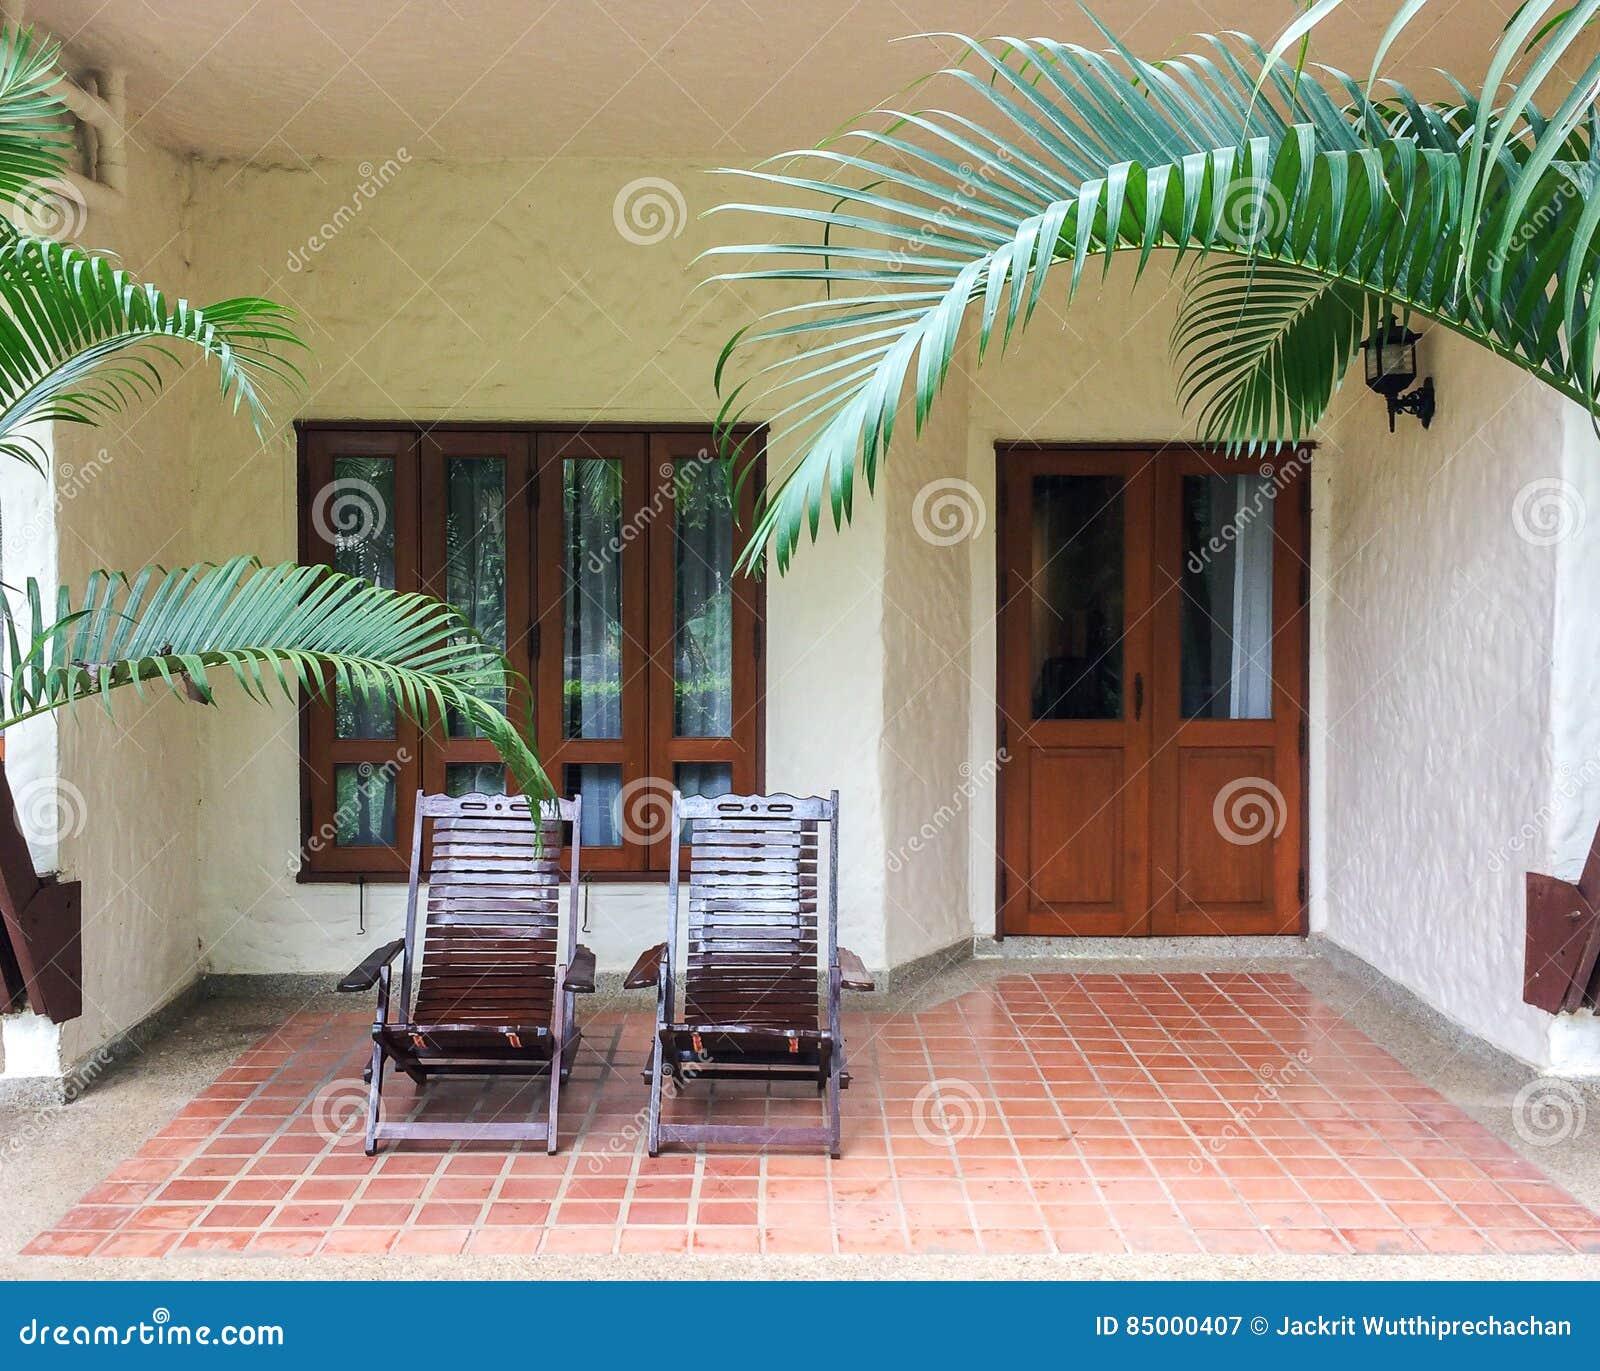 Paar van Traditionele Houten Ligstoelen op Terras van Balkon of Terras op Open Gebied voor Vensters en Deuren voor Relax